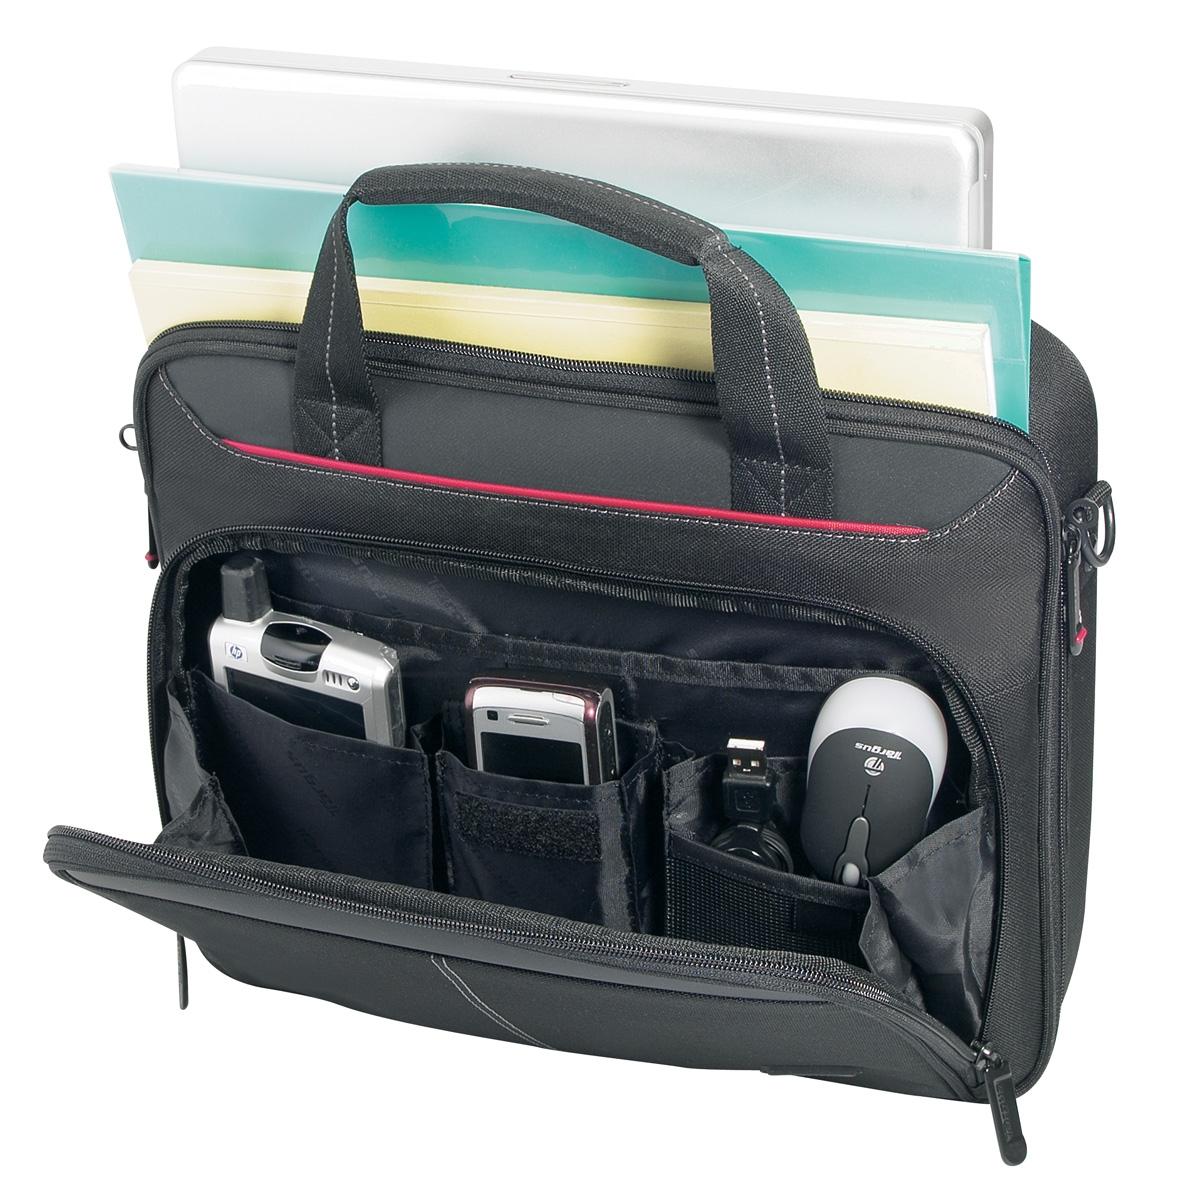 Купить Сумки, наплічники для ноутбуків, Сумка для ноутбука Targus CN31 чорна